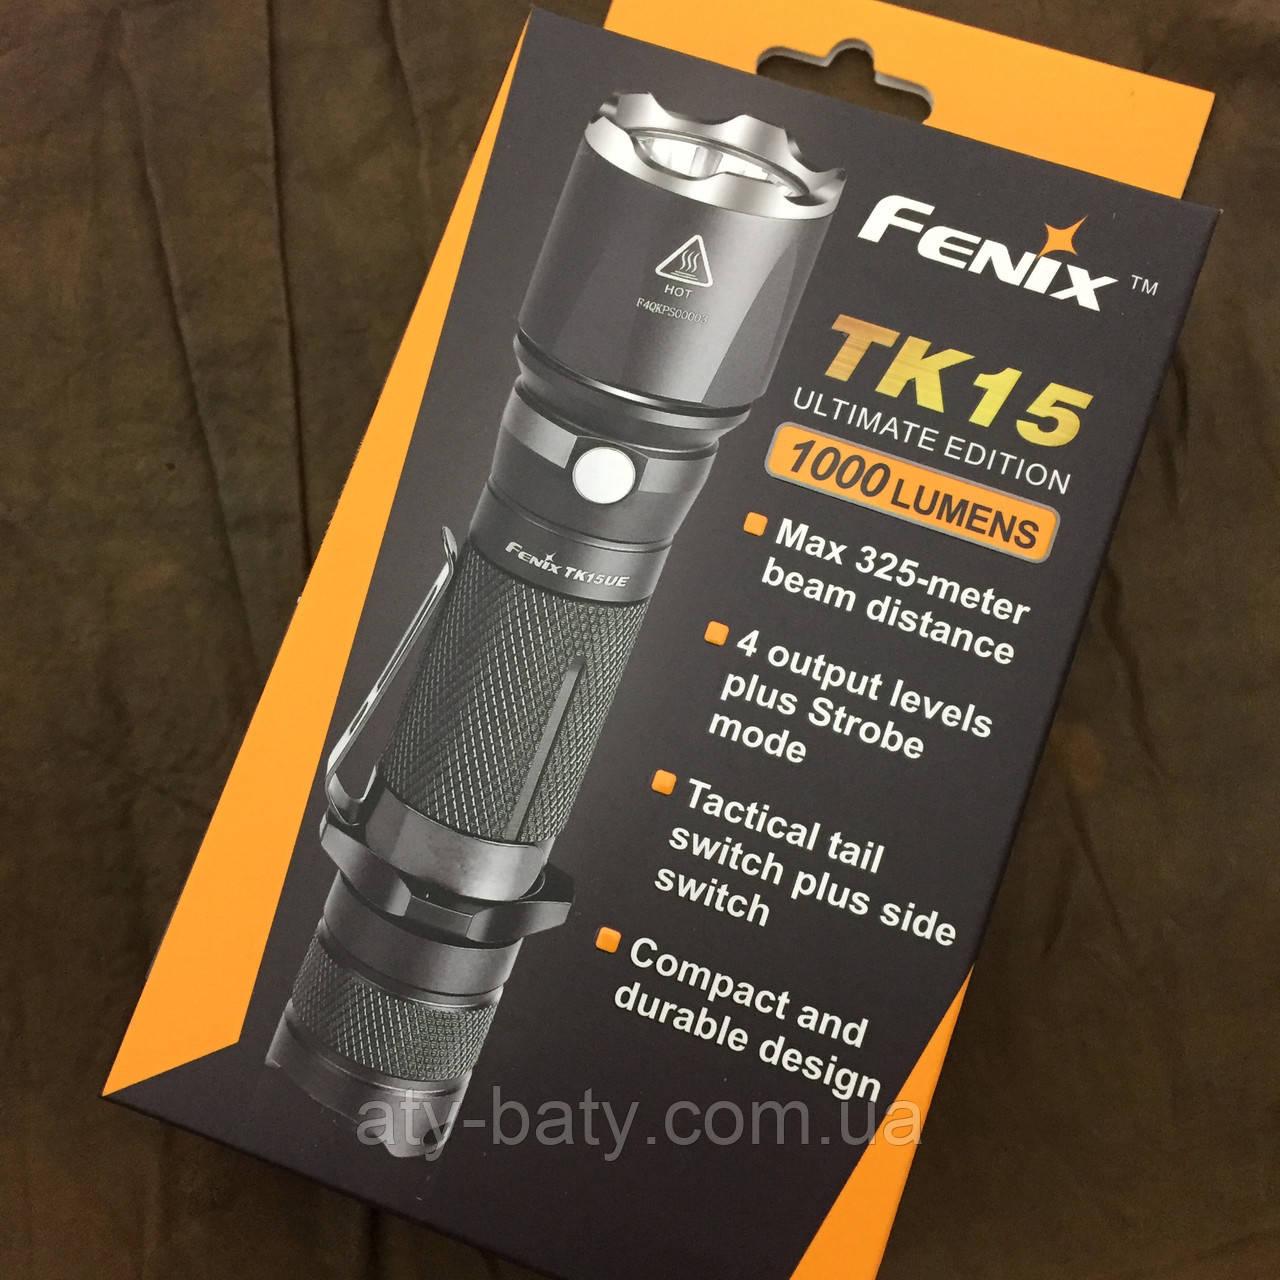 Тактический фонарь Fenix TK15 UE